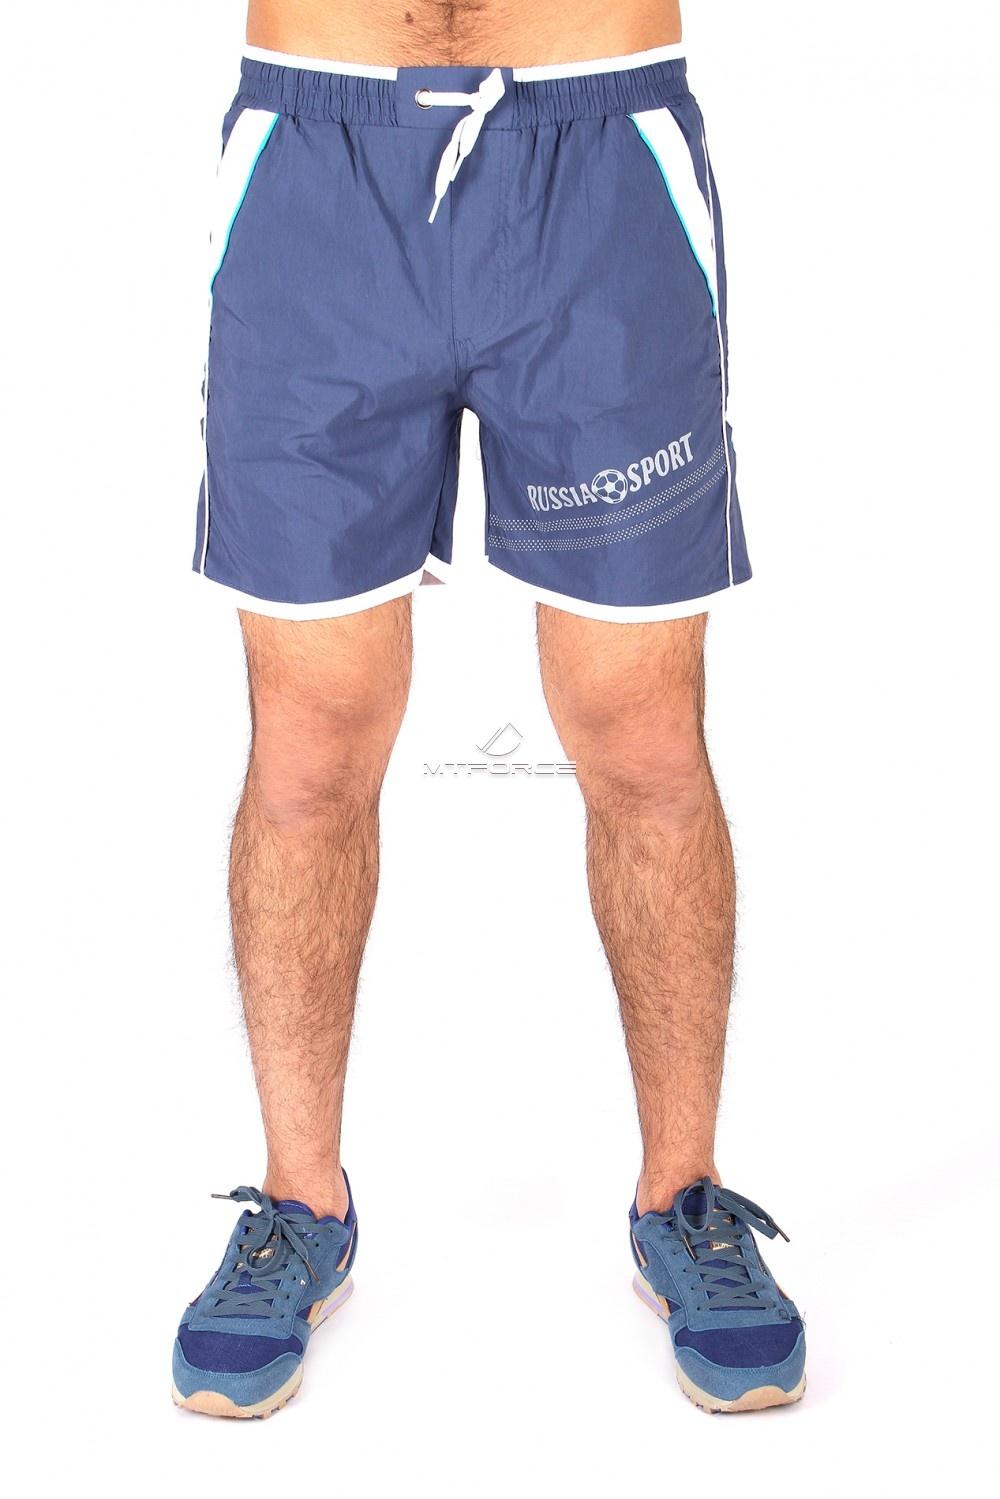 Купить                                  оптом Спортивные шорты голубого цвета 503Gl